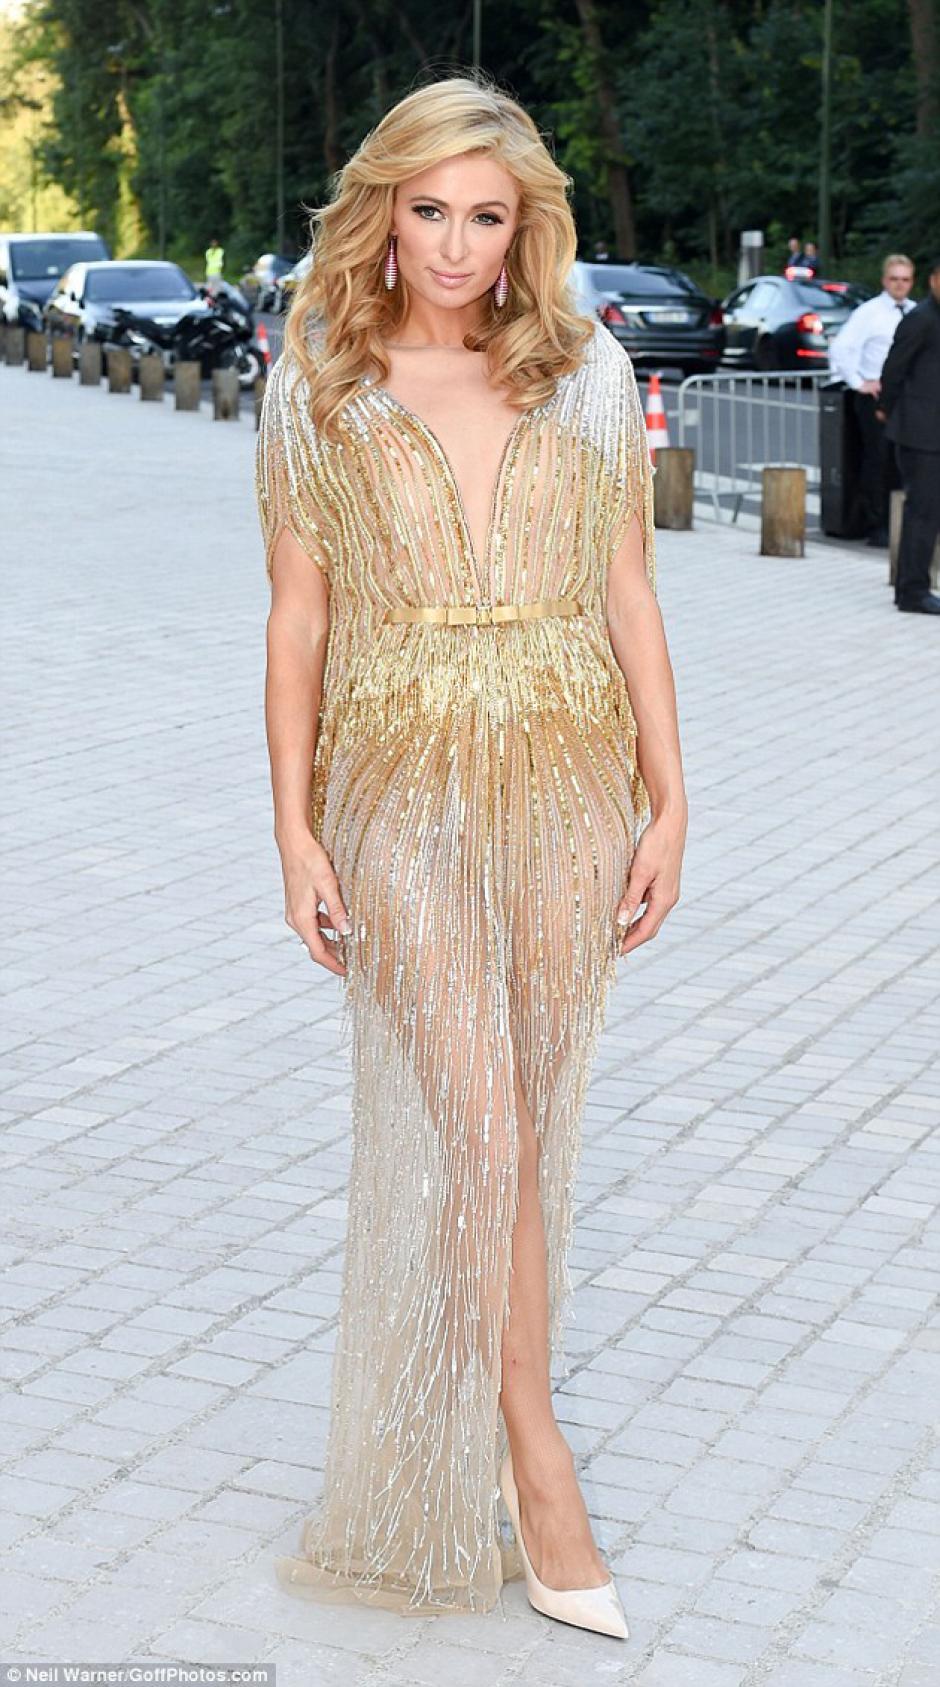 El vestido de Hilton deslumbró en la gala de Louis Vuitton. (Foto: MailOnline)